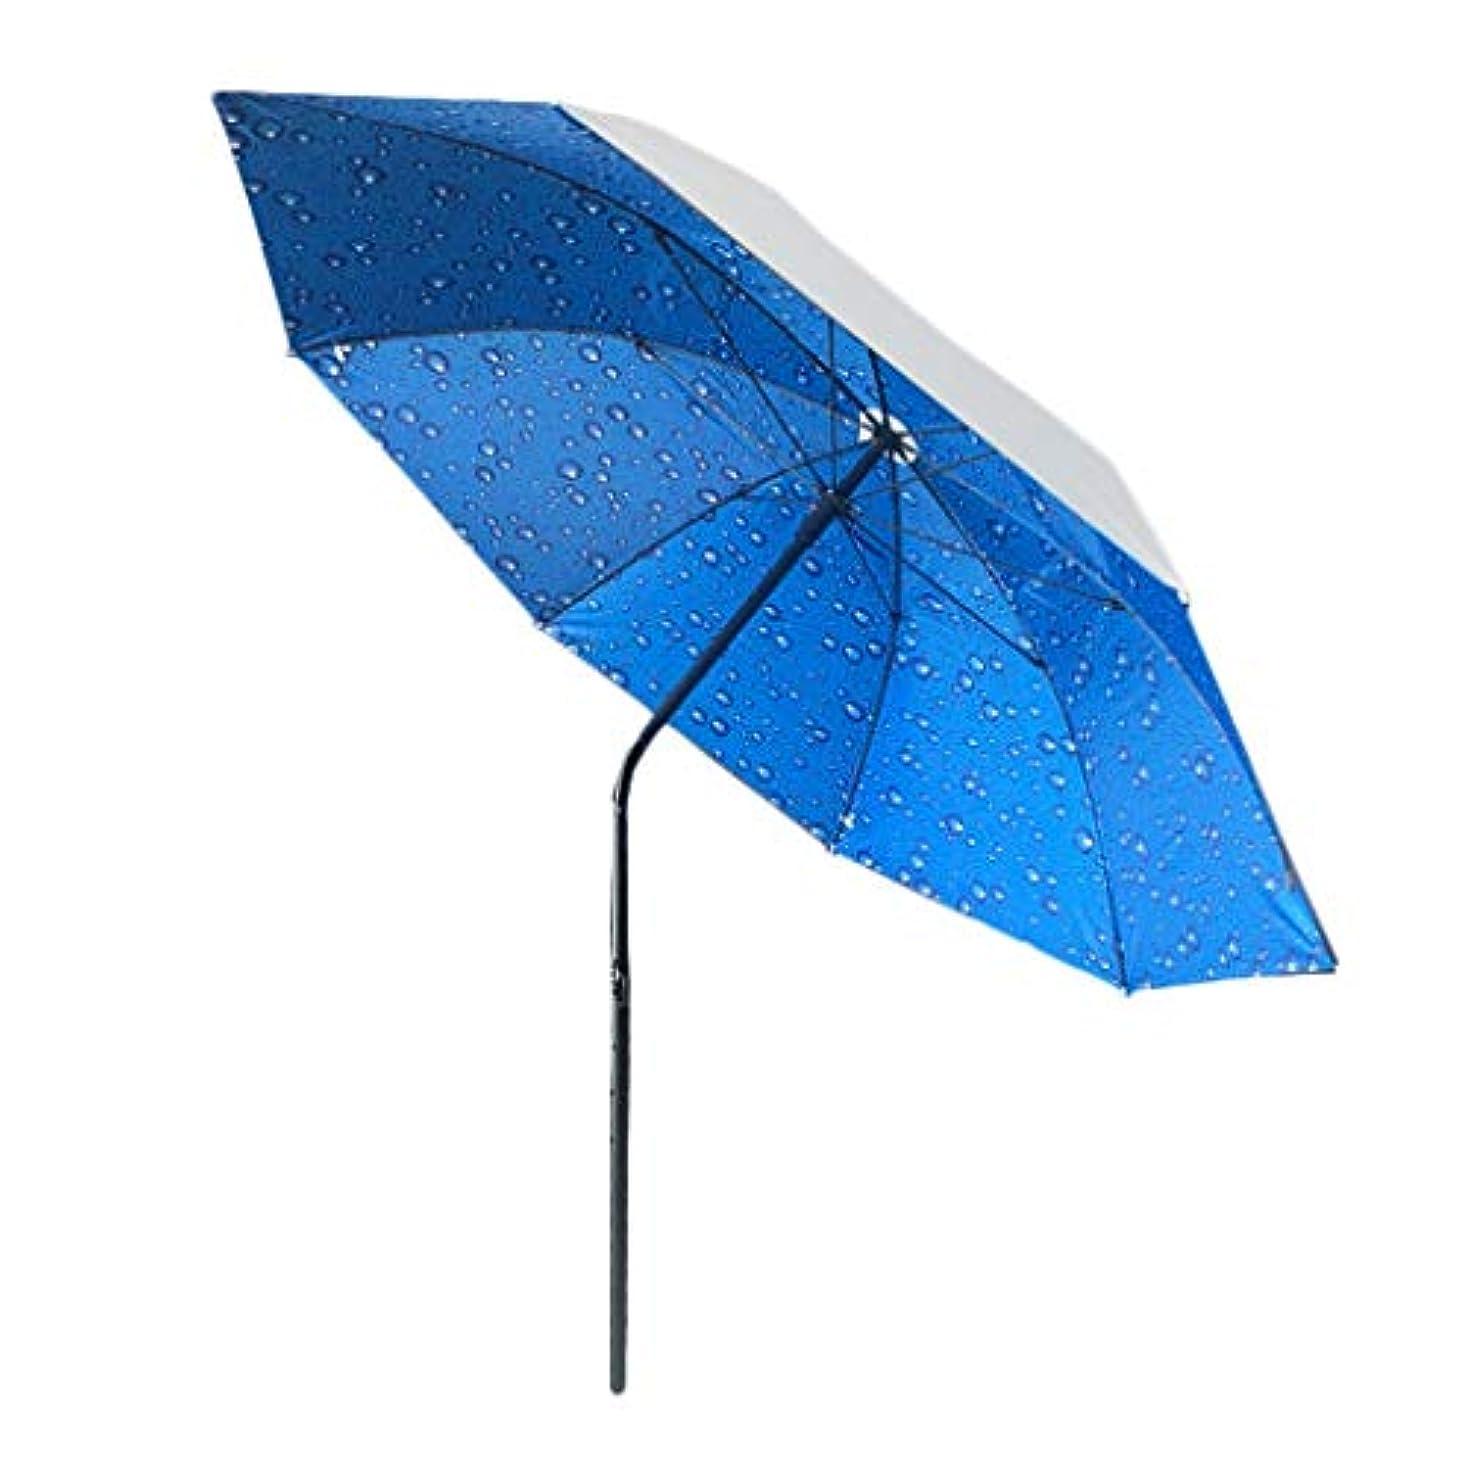 両方弾性予言する太陽傘金属オックスフォード回転日焼け止め雨折りたたみ傘屋外サンシェード傘 (Size : H1.9m)